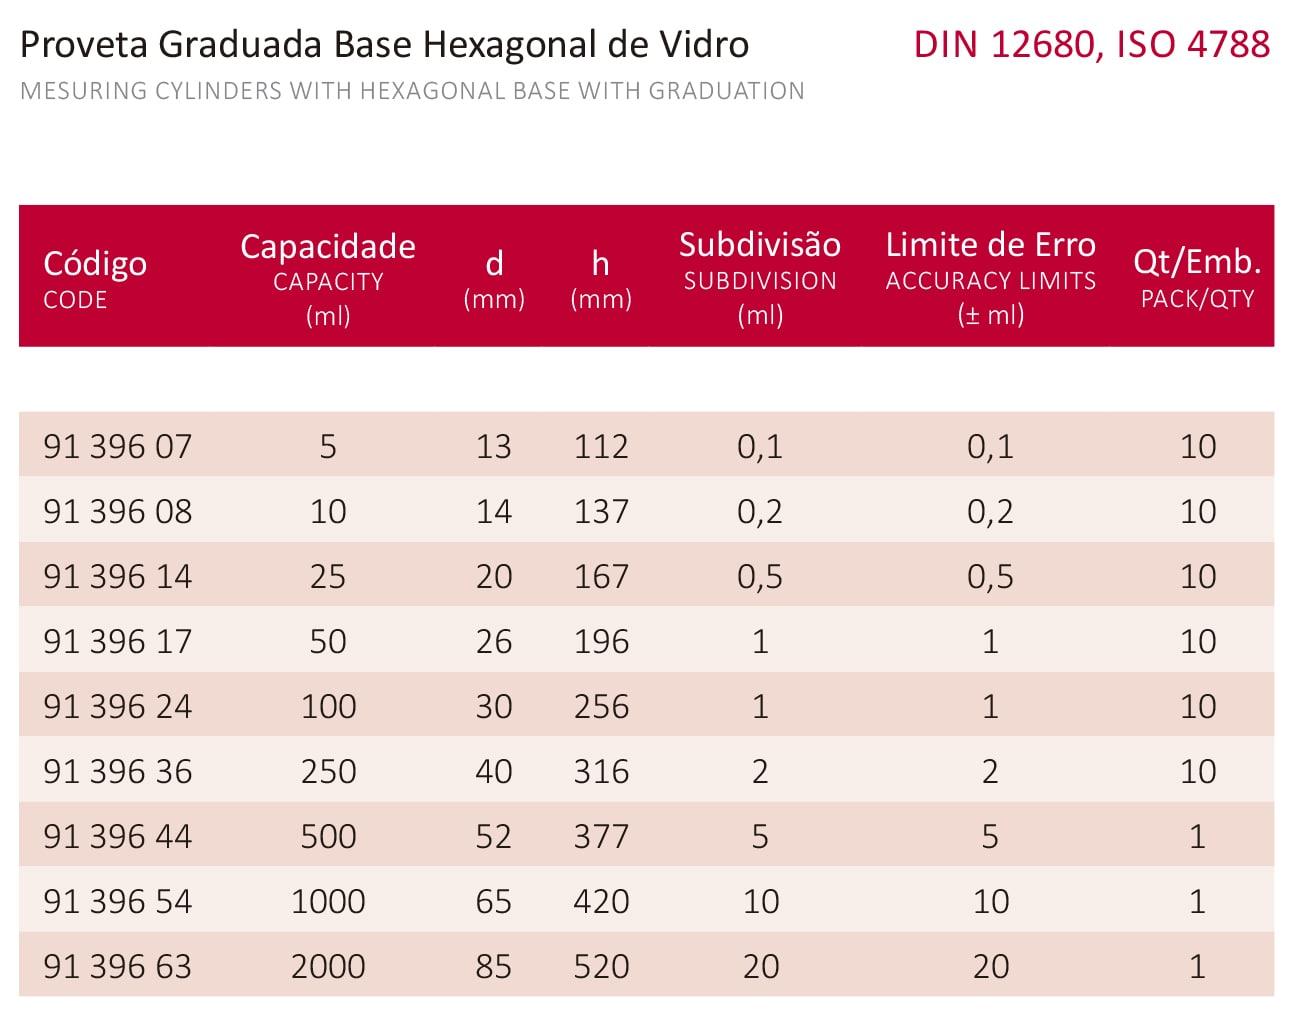 PROVETA GRADUADA BASE HEXAGONAL DE VIDRO 1000 ML - Laborglas - Cód. 9139654